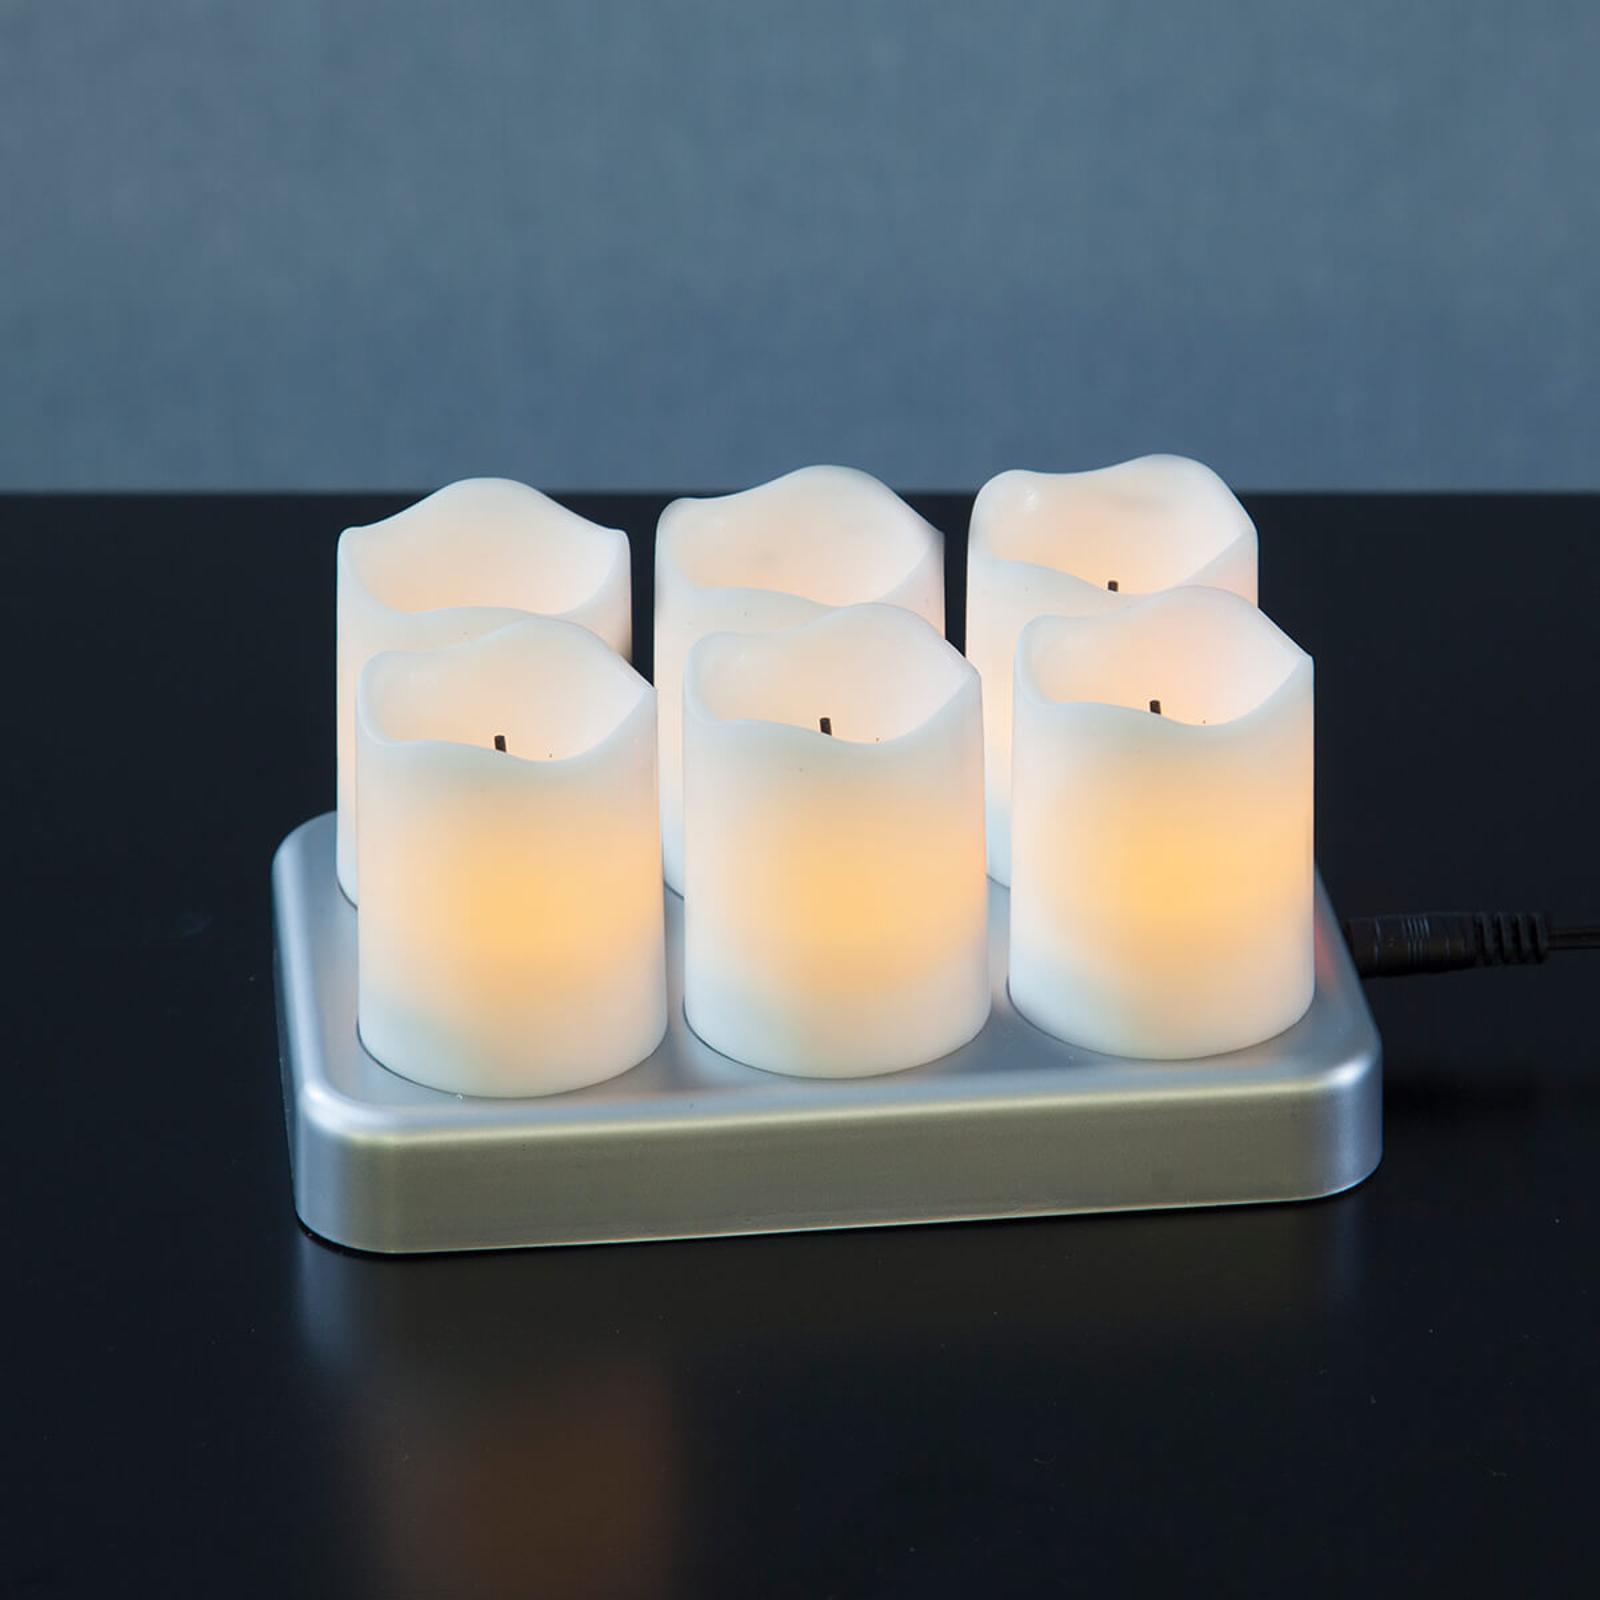 LED Telys med fjernkontroll i 6 pakning | Alltid gratis frakt!